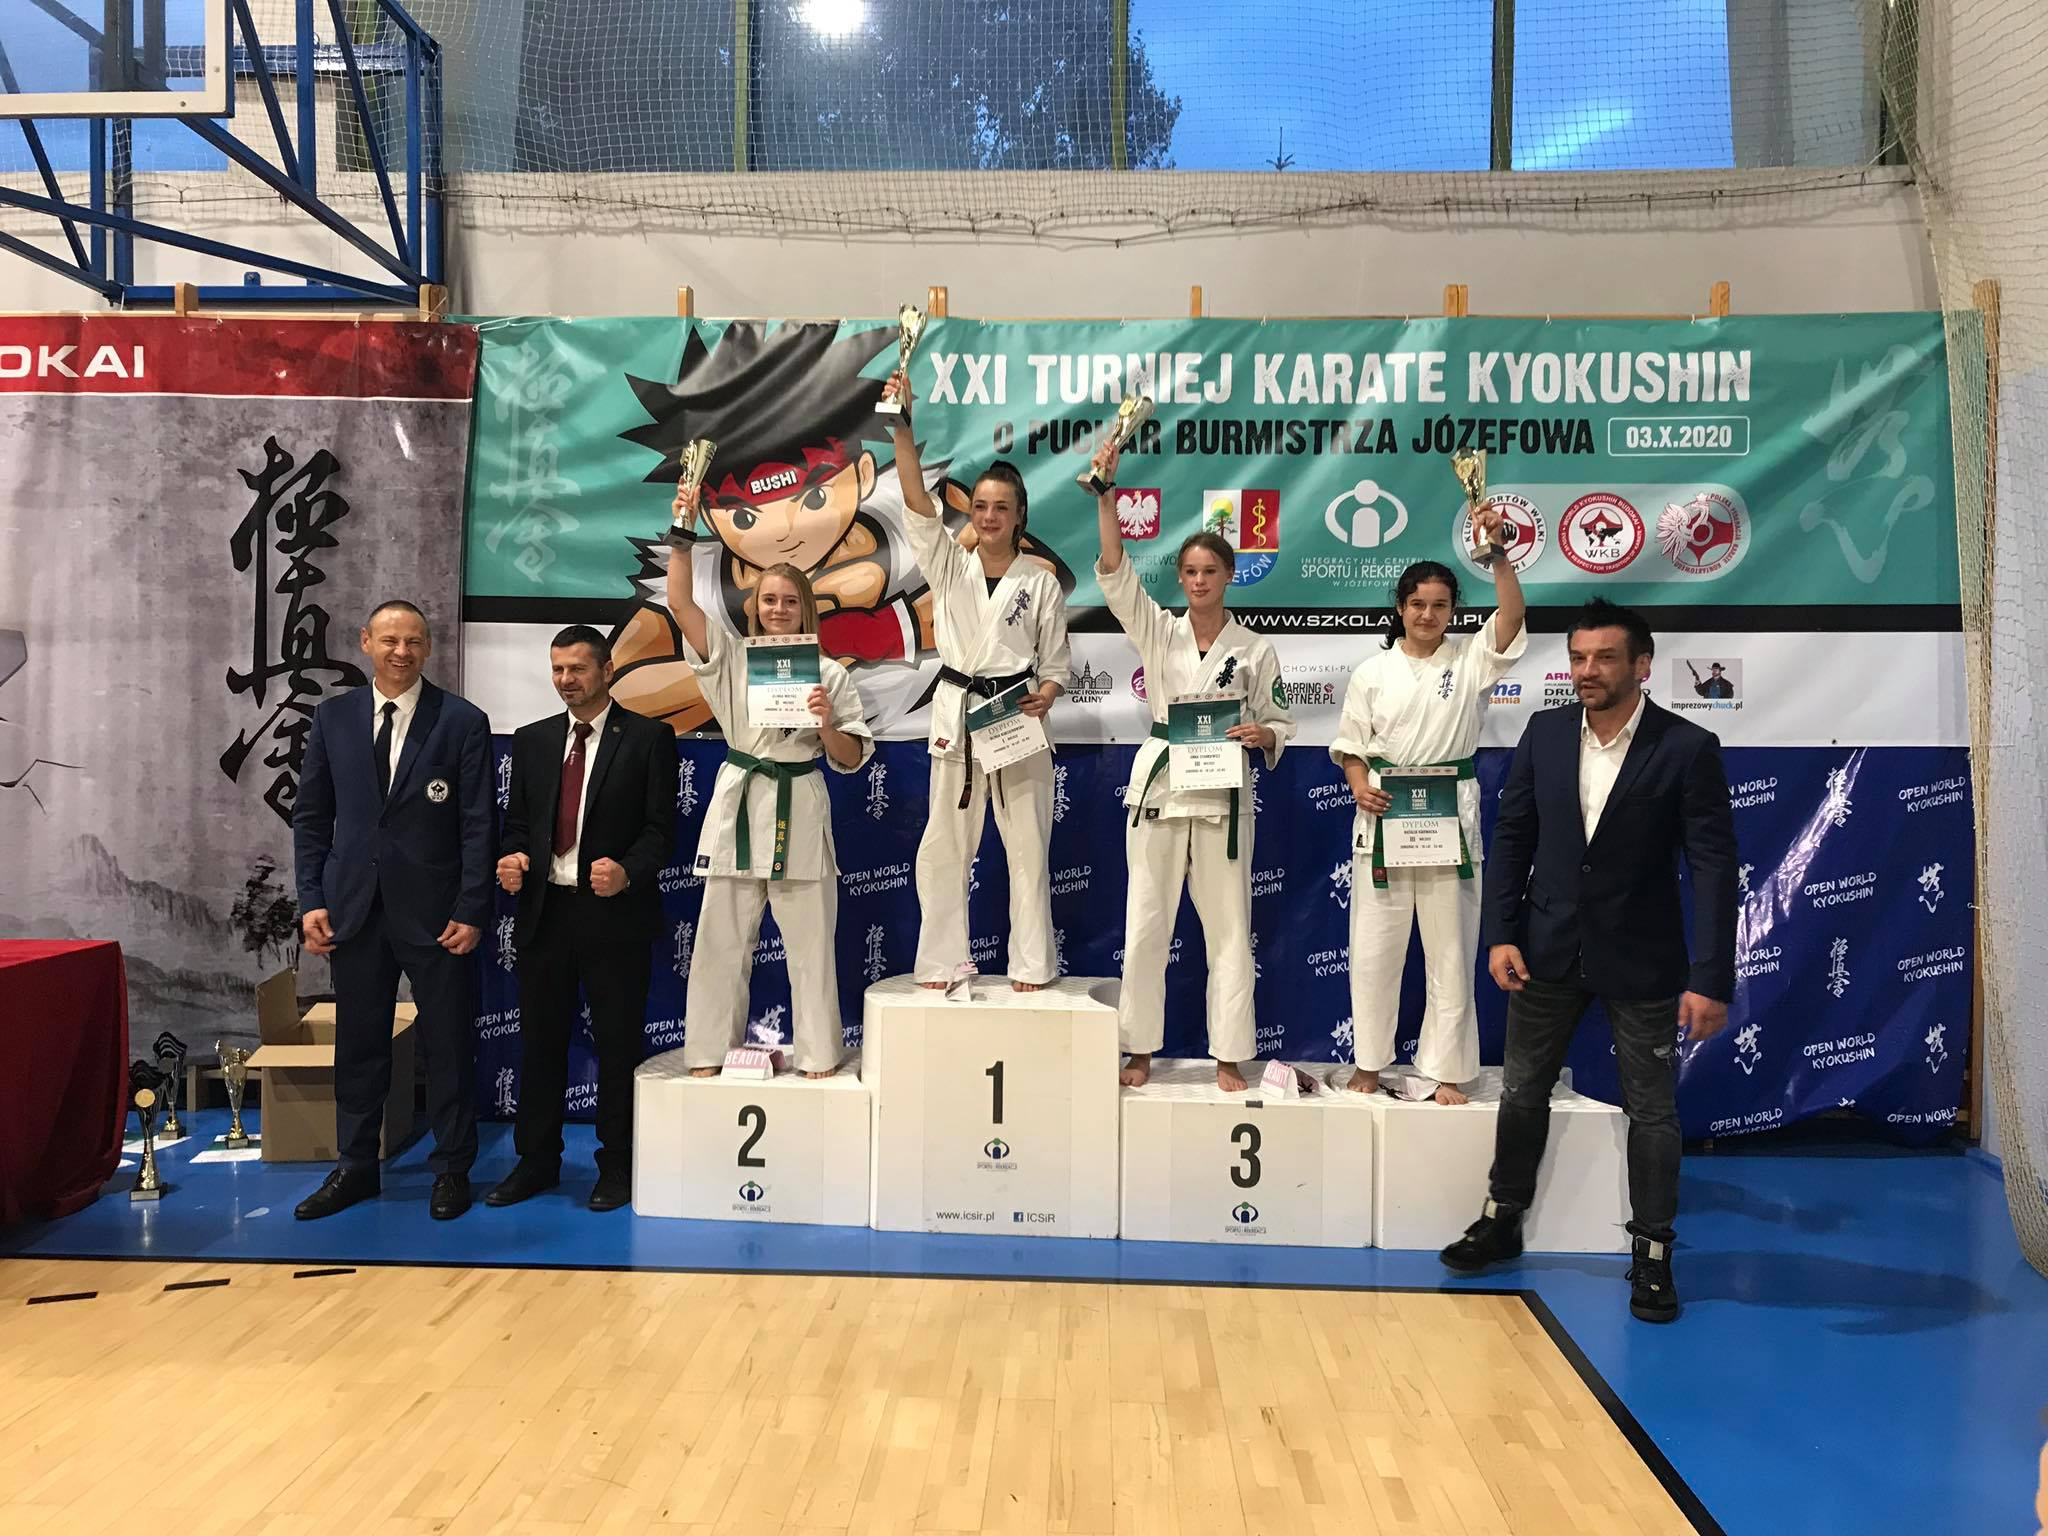 XXI Turnieju Karate Kyokushin o Puchar Burmistrza Józefowa